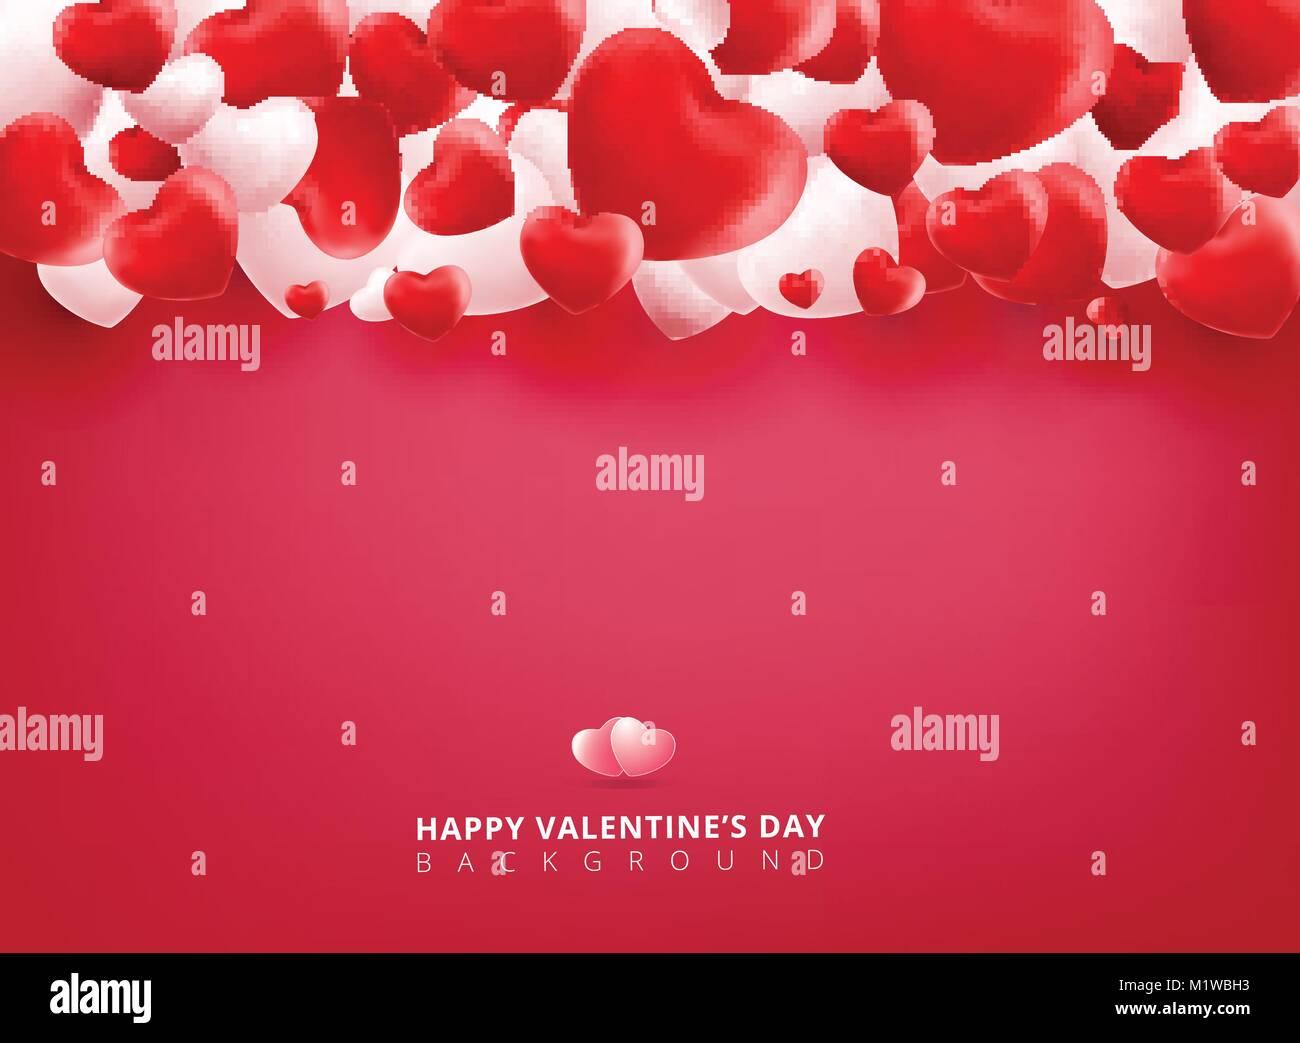 Liso Y Suave Rojo Y Blanco Día De San Valentín Corazones Sobre Fondo